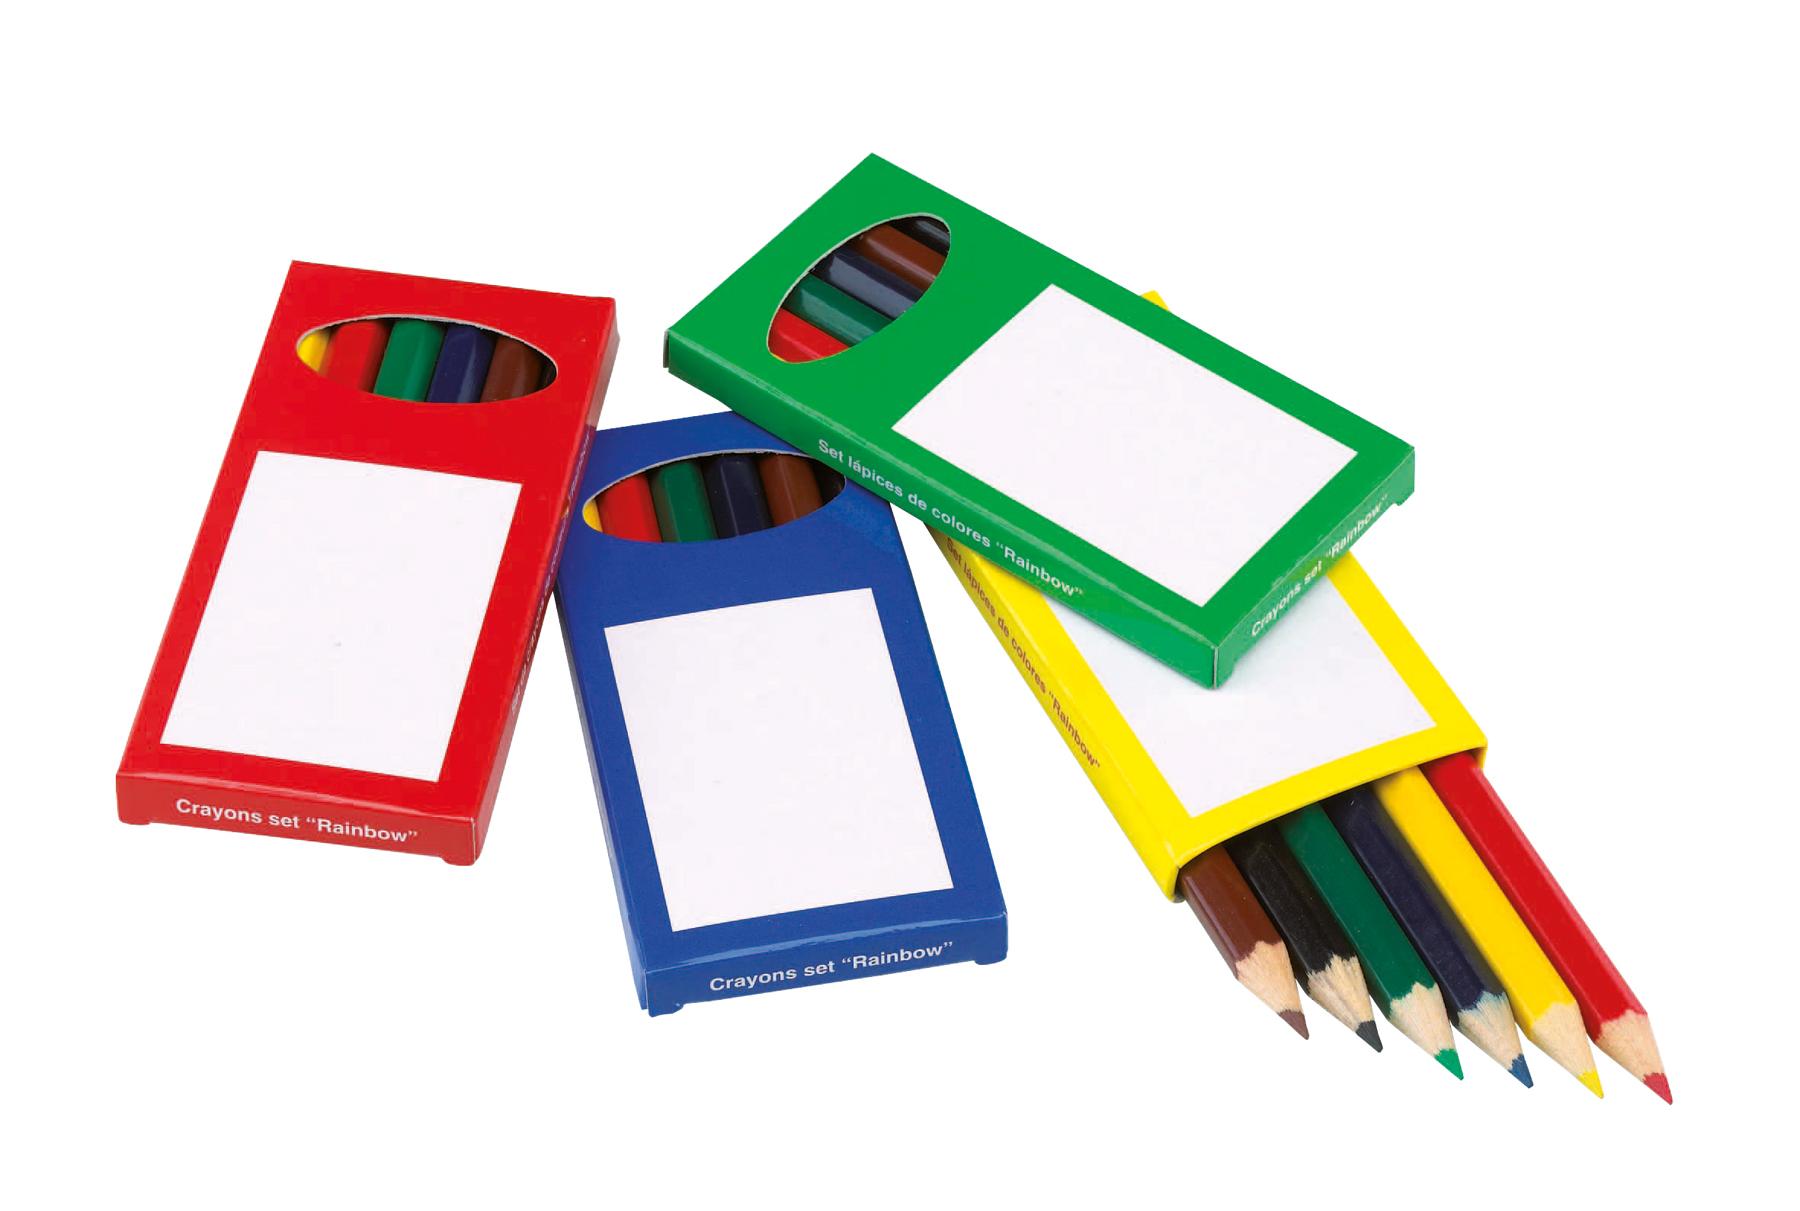 Zestaw kredek 6szt, czerwony, niebieski, zielony, żółty